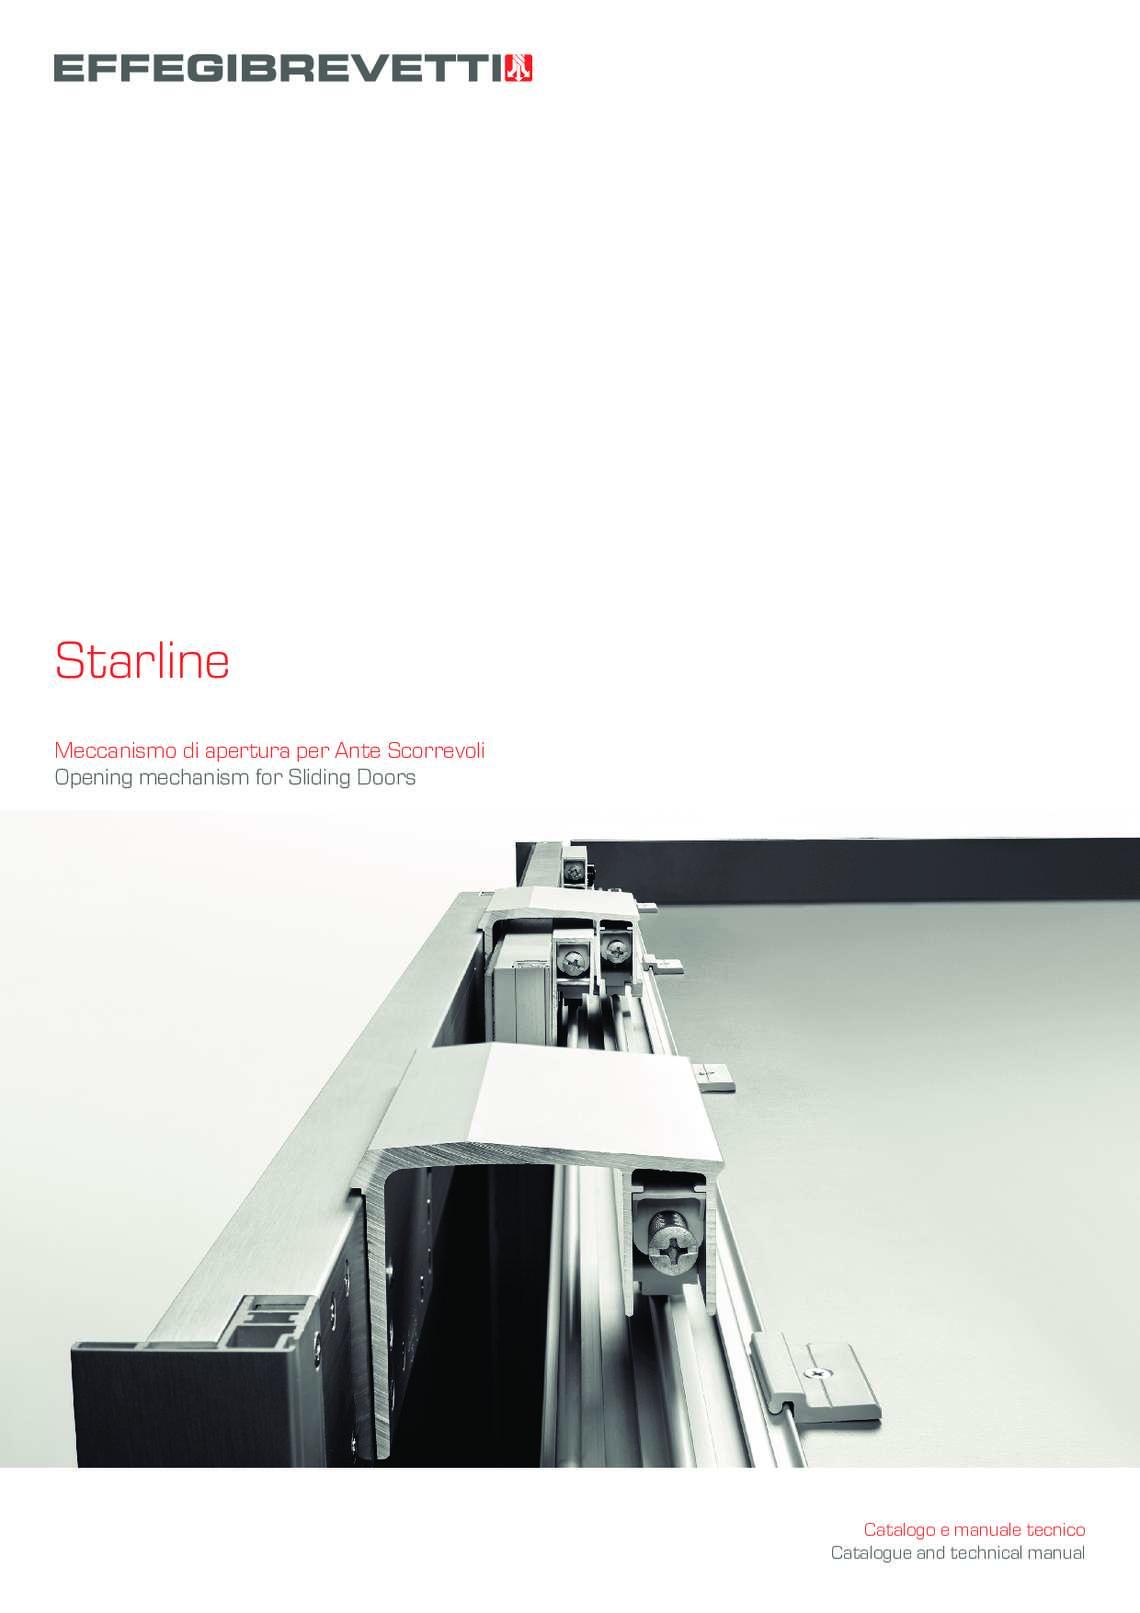 Starline - Meccanismo di apertura per Ante Scorrevoli